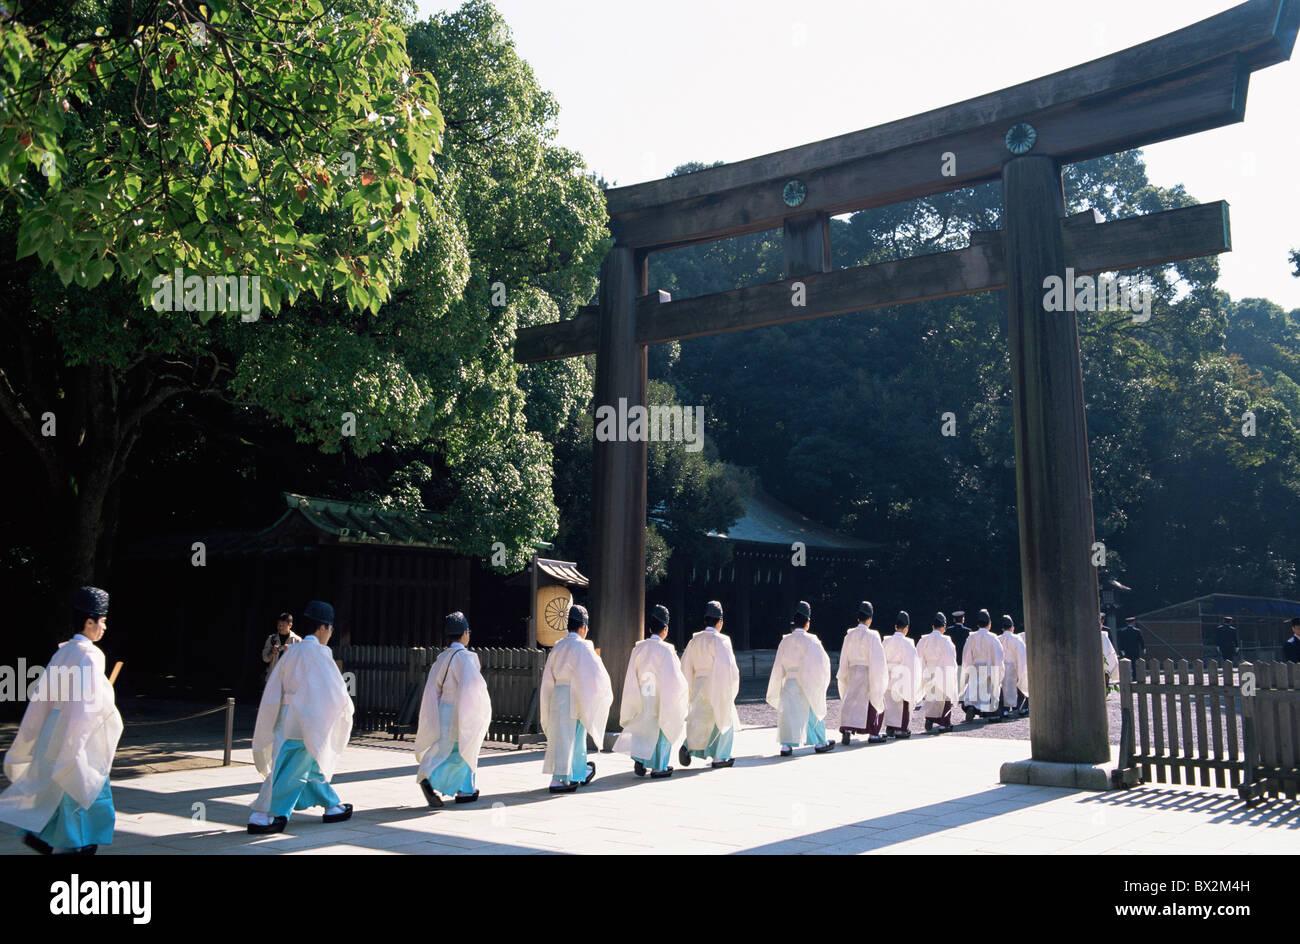 Asia Japan Asia Honshu Tokyo Meiji Shrine Priests Shinto Shintoism - Shinto religion